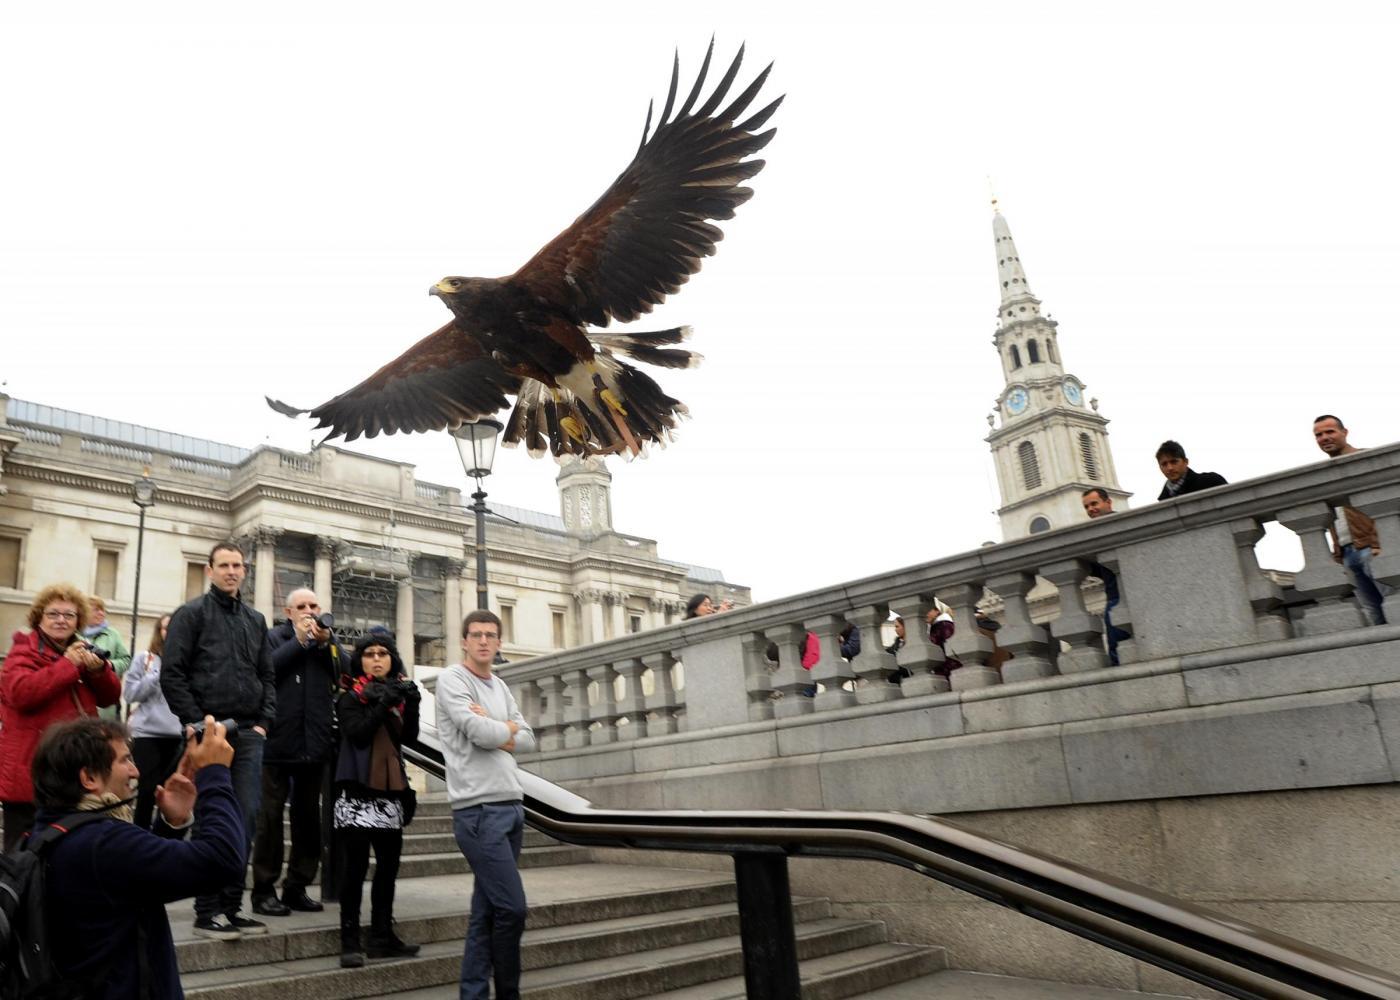 Il falco di Trafalgar square03